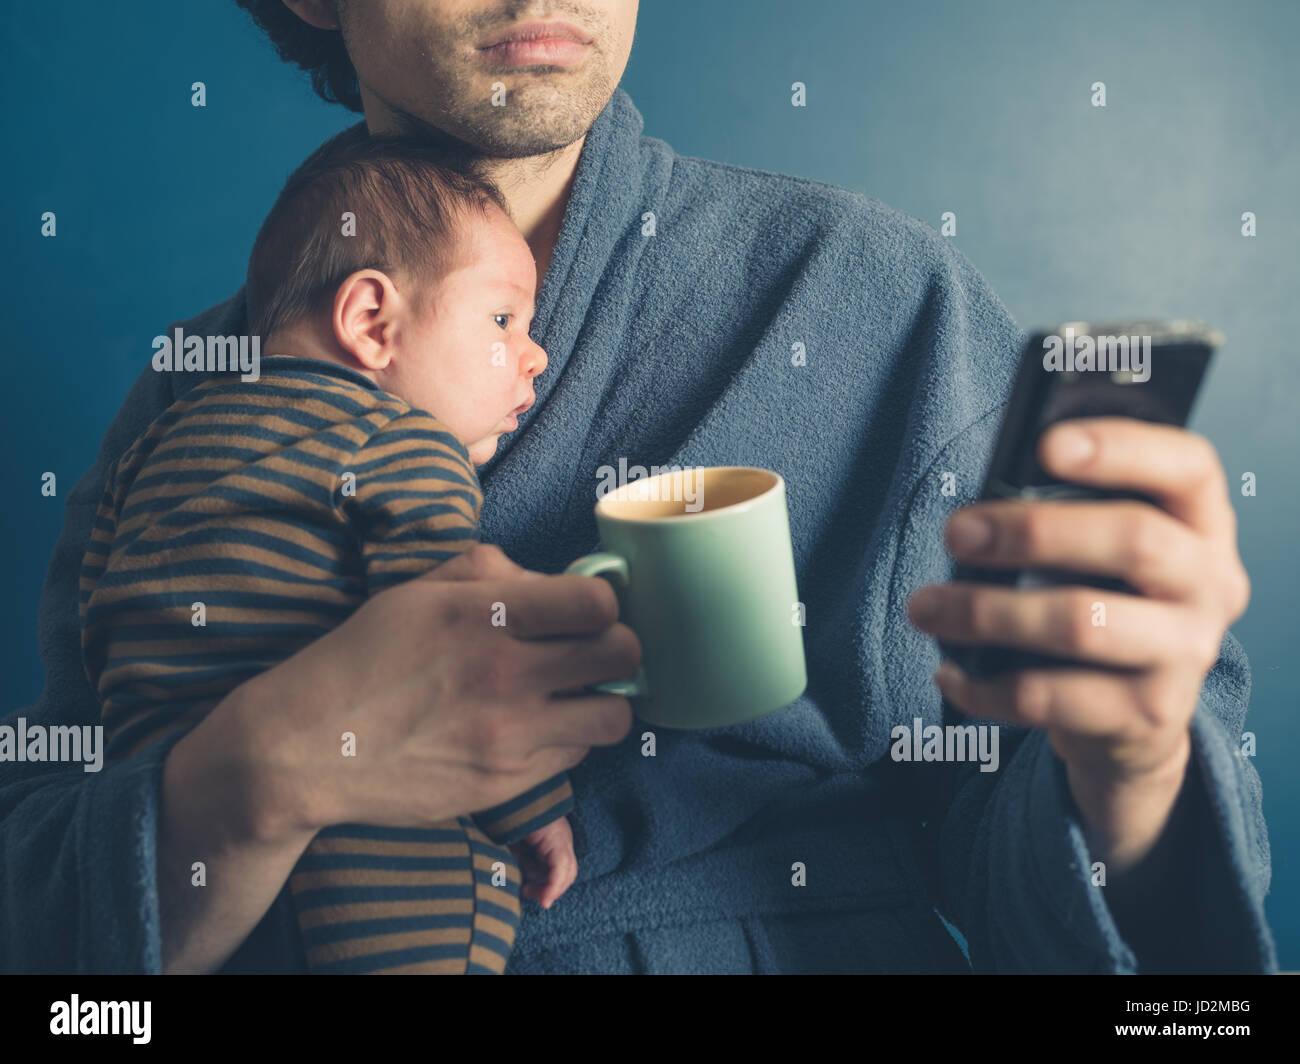 Un giovane padre in un accappatoio è utilizzando uno smartphone mentre si tiene una tazza e suo figlio bambino Immagini Stock